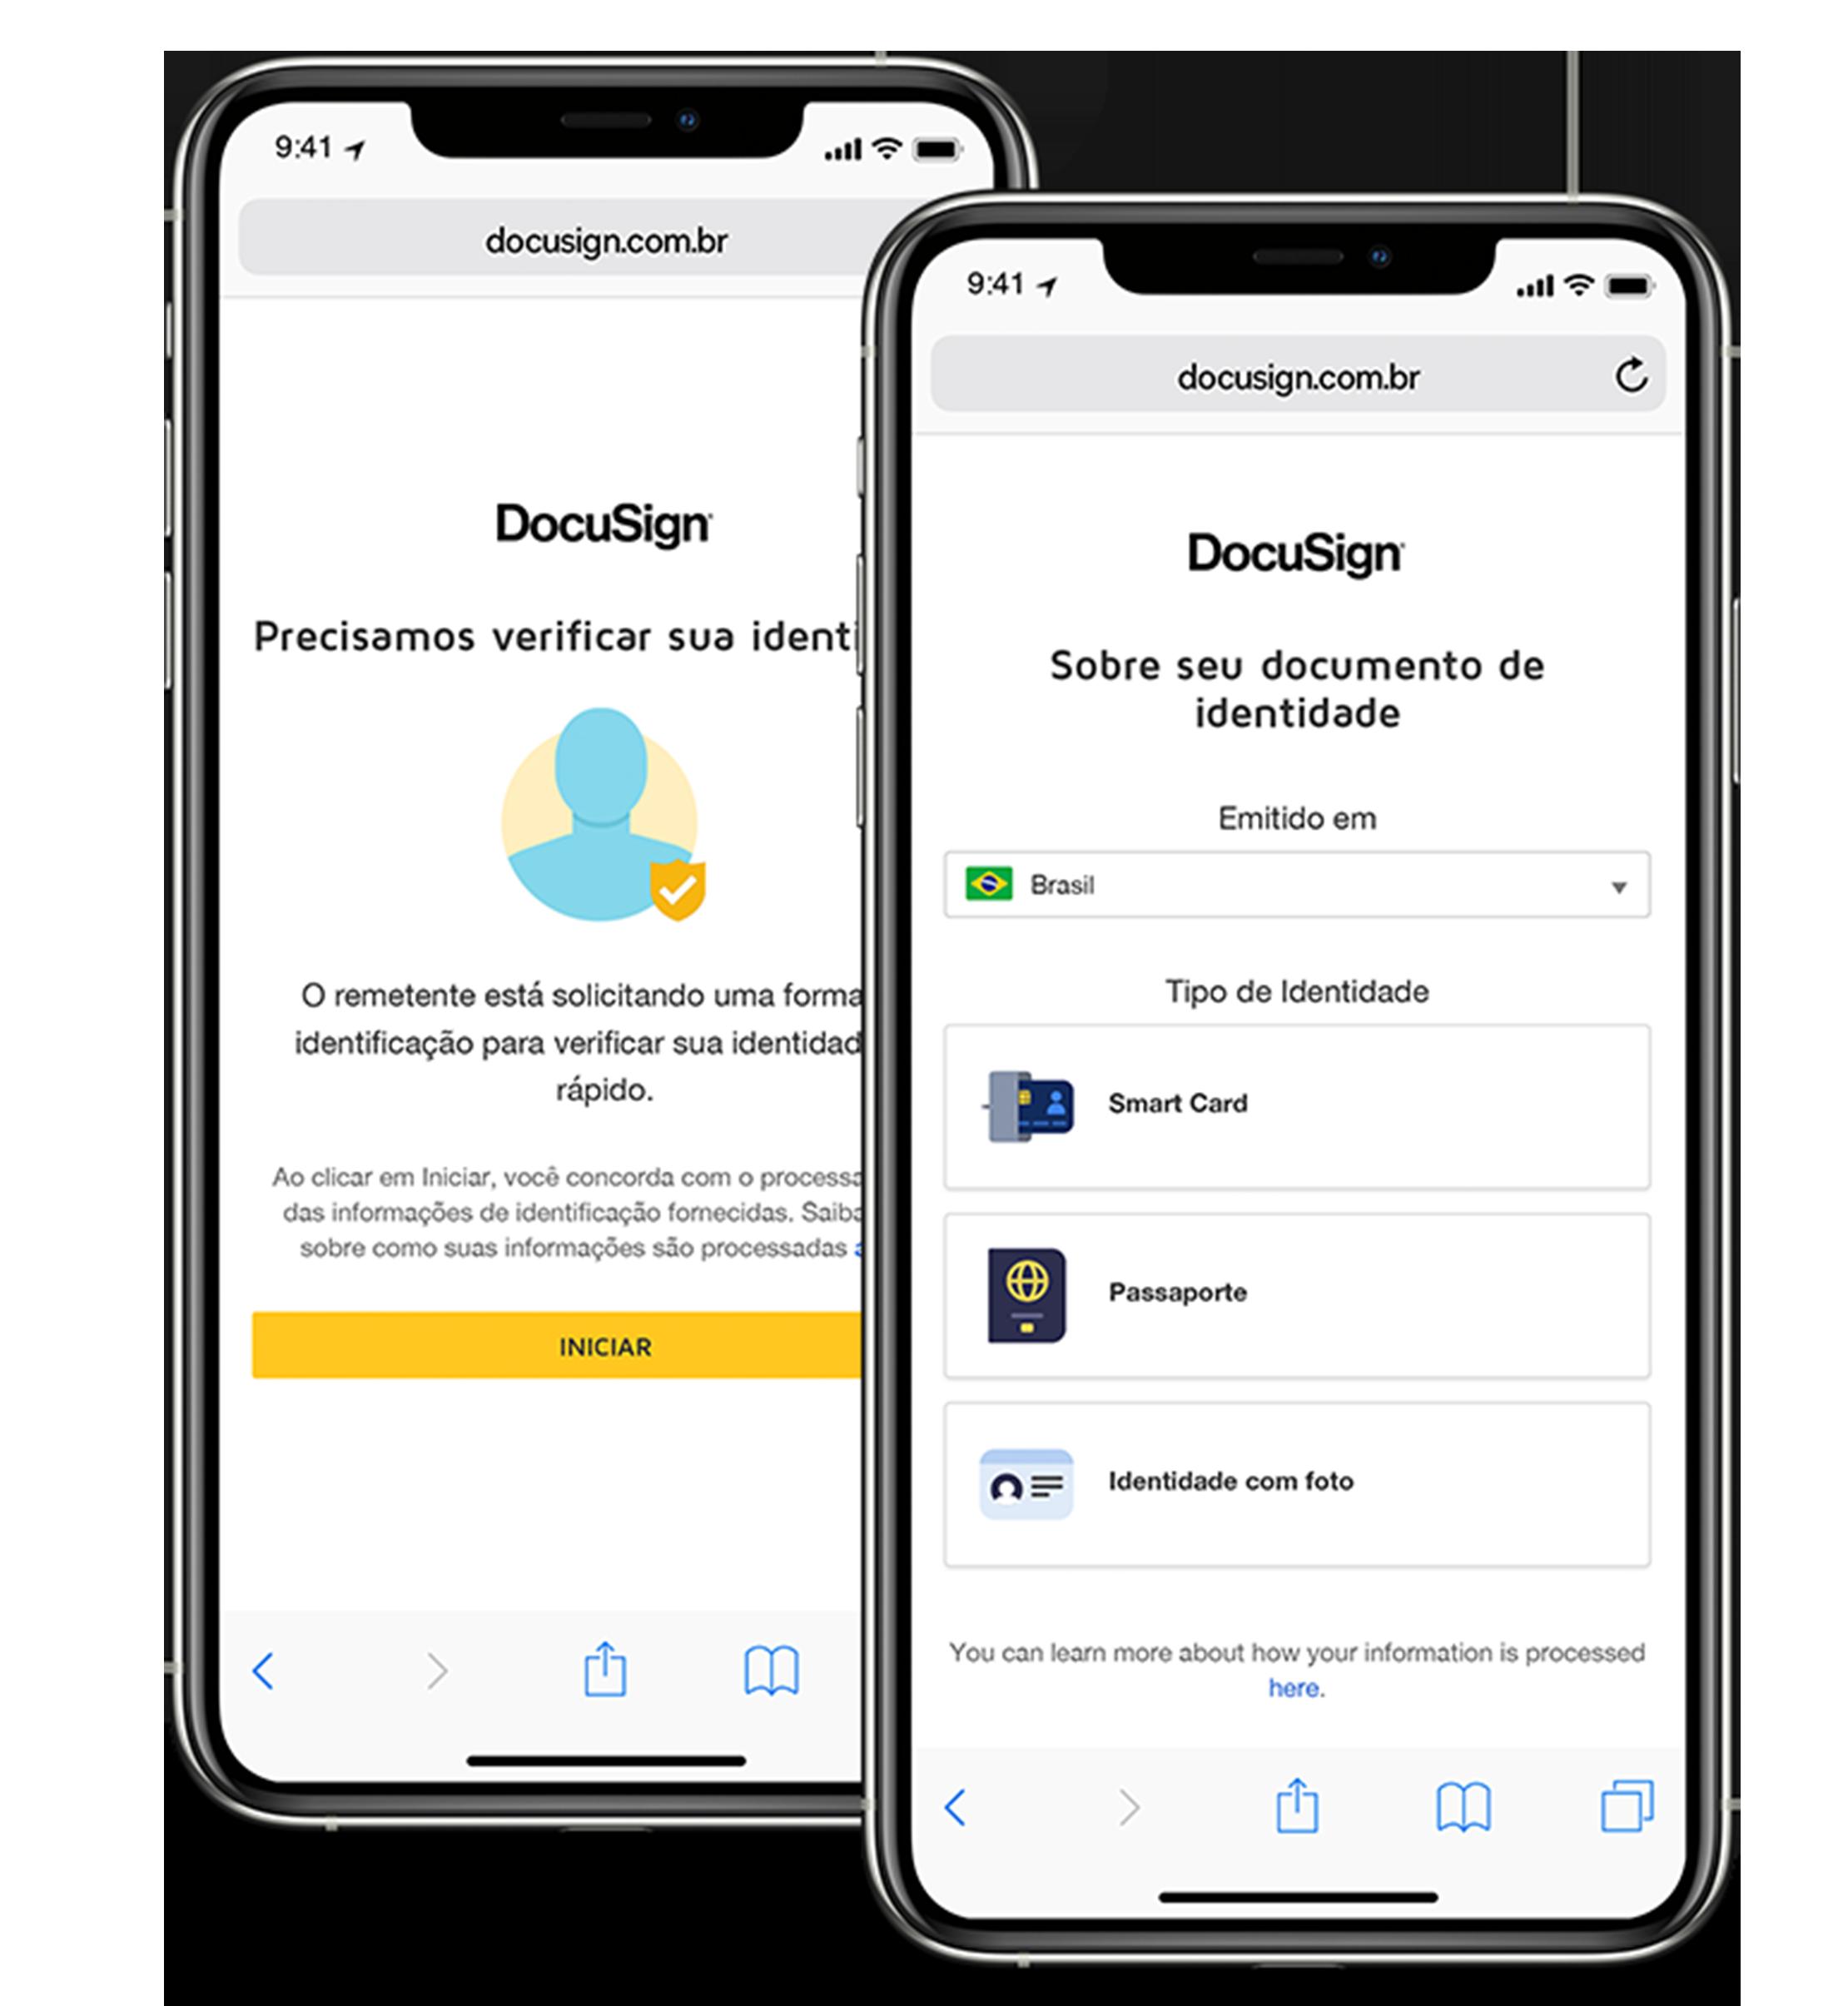 Dois telefones celulares, um mostrando instruções sobre como enviar seu ID e o outro pedindo informações sobre seu ID.